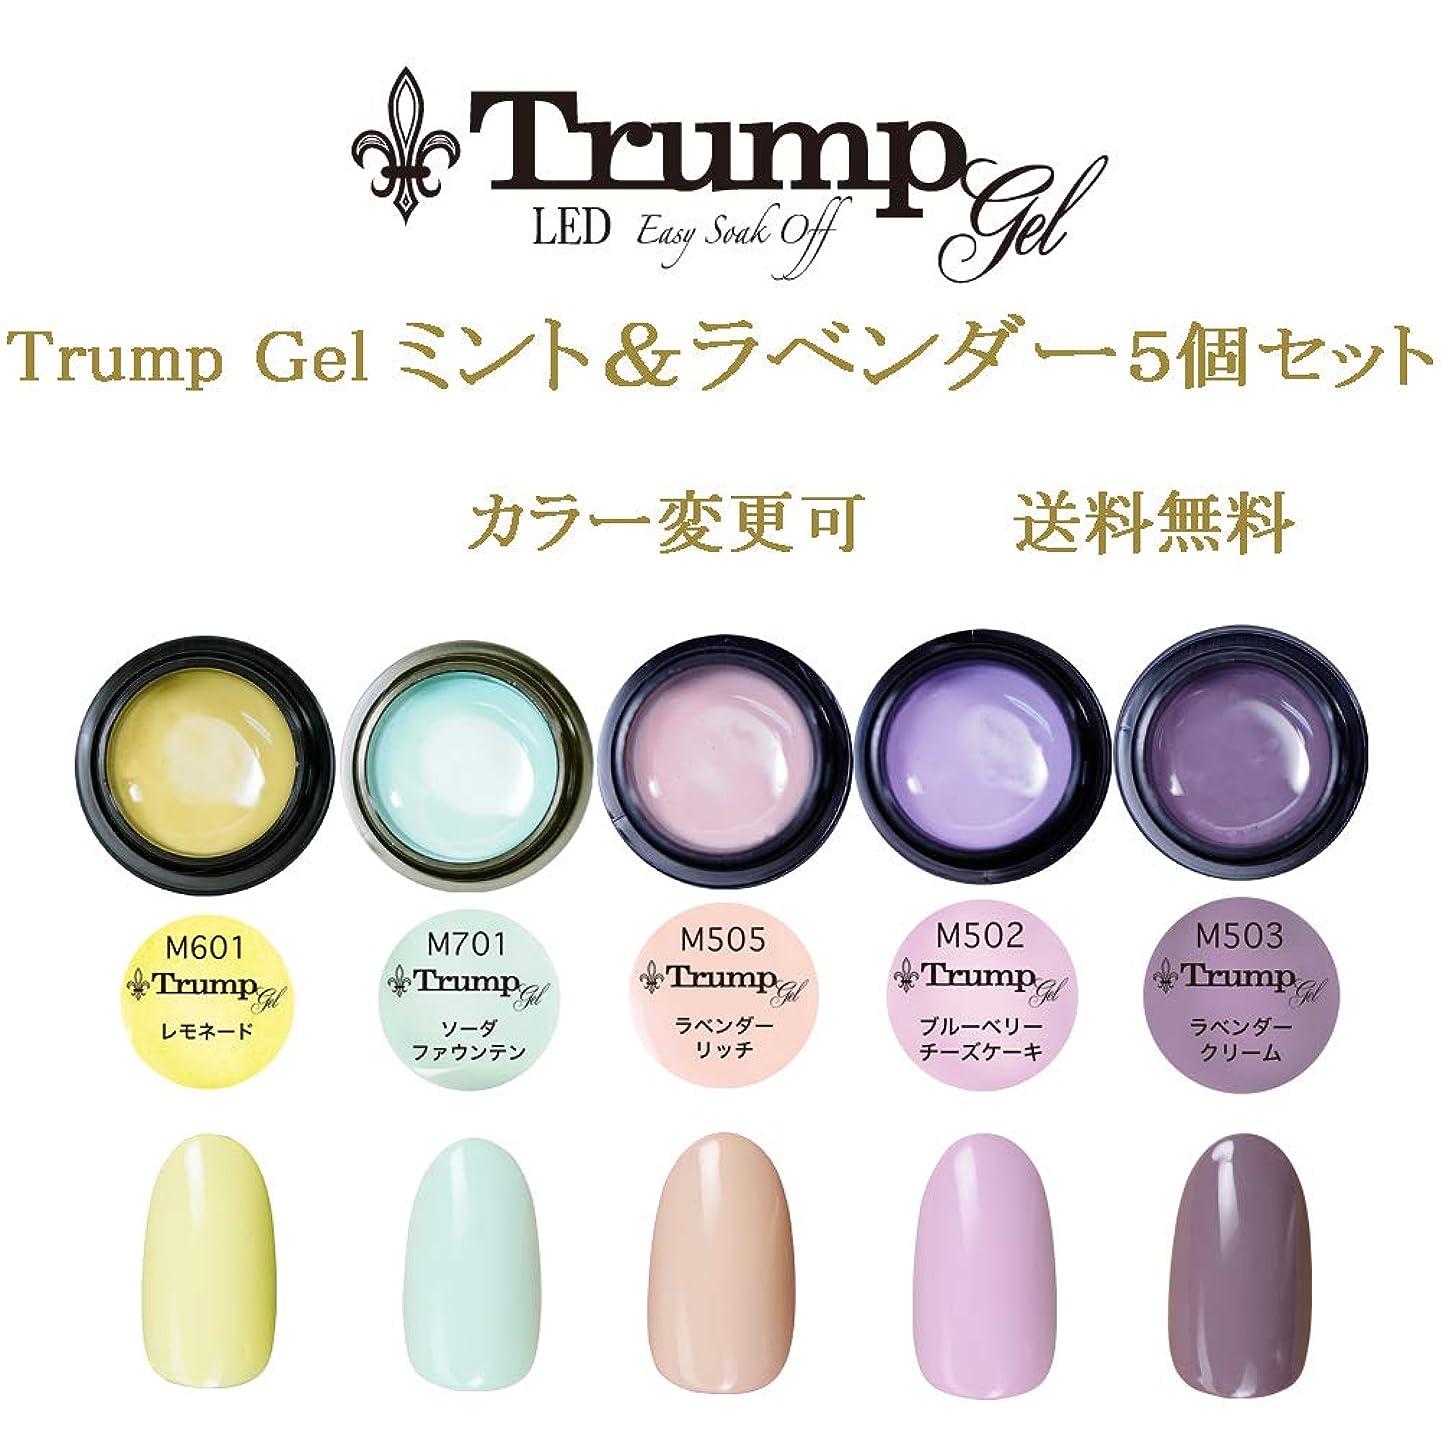 神経障害ポンド送料【送料無料】日本製 Trump gel トランプジェル ミント&ラベンダー 選べる カラージェル 5個セット ラベンダー ベージュ ミントカラー